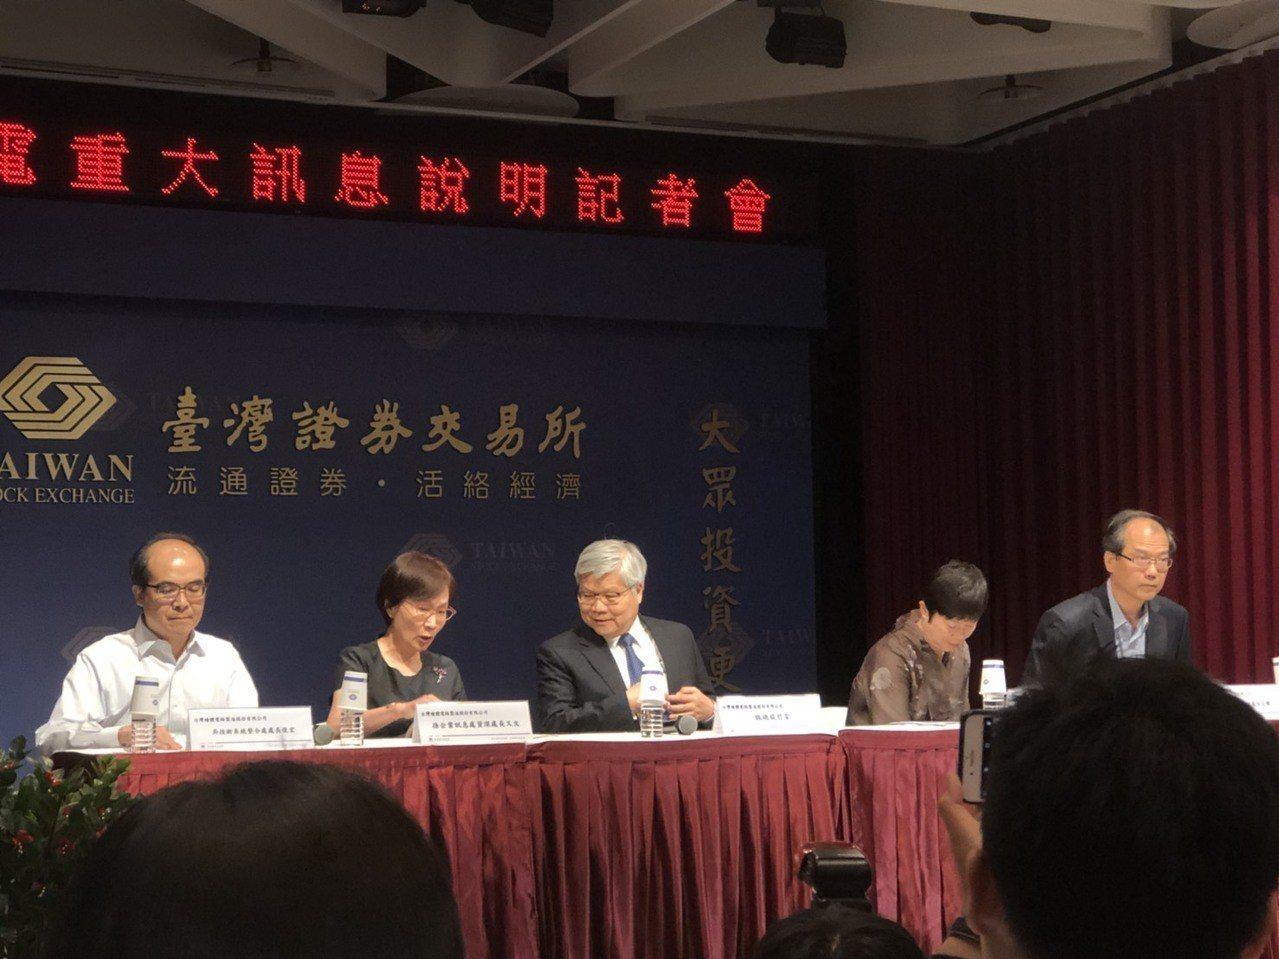 台積電總裁魏哲家(中)出席記者會。 記者高詩琴/攝影